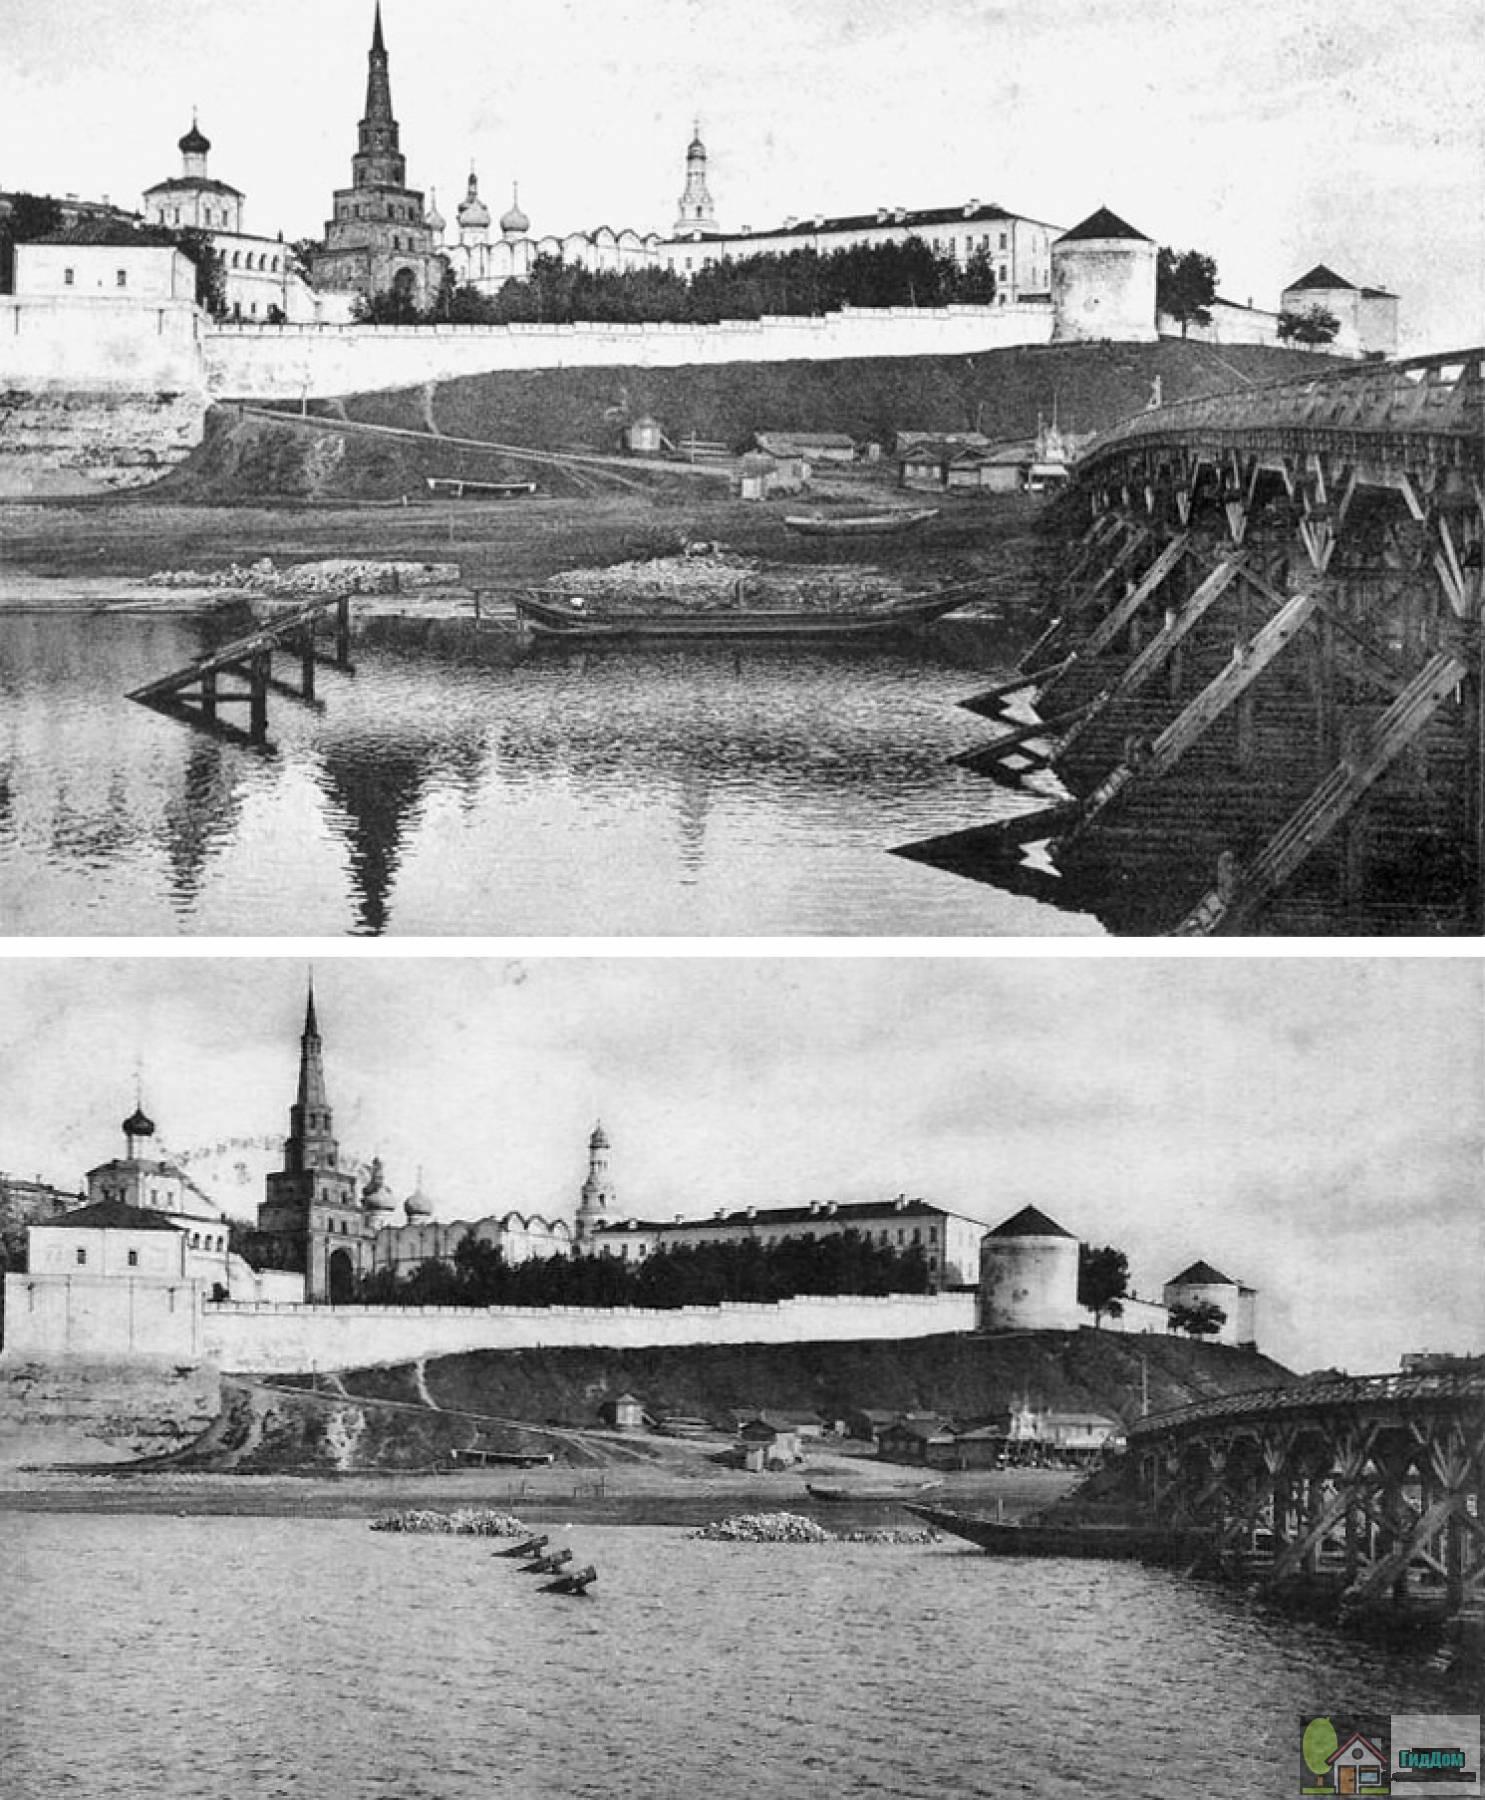 Кизическая дамба (ныне Кремлёвская транспортная дамба, а чуть ранее Ленинская дамба) на фото начала XX века. Файл загружен из открытых источников.